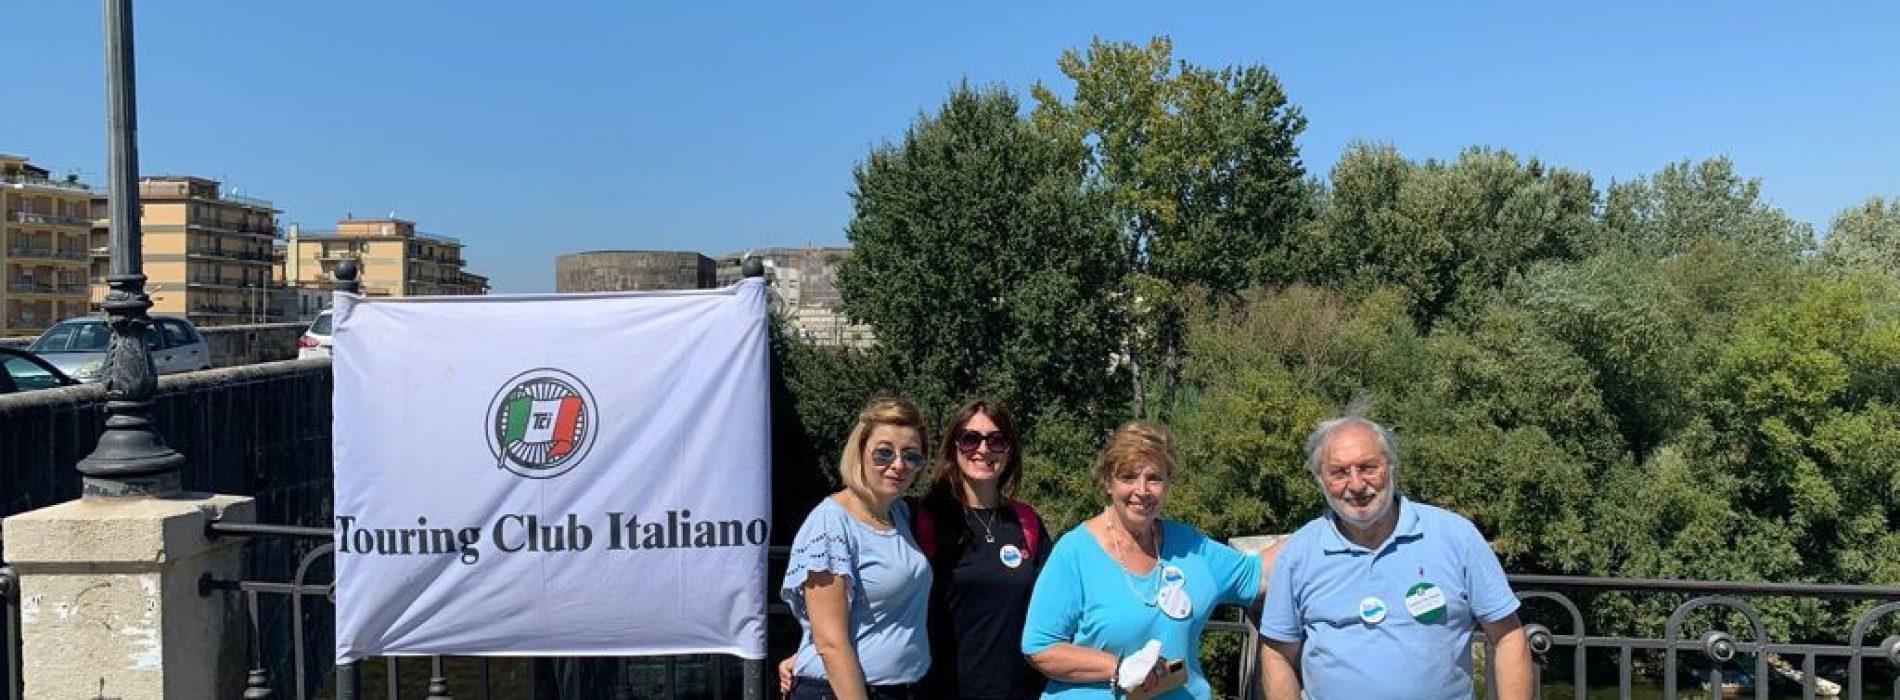 Sono le pietre a parlare a Capua, l'Appia Day del Touring Club